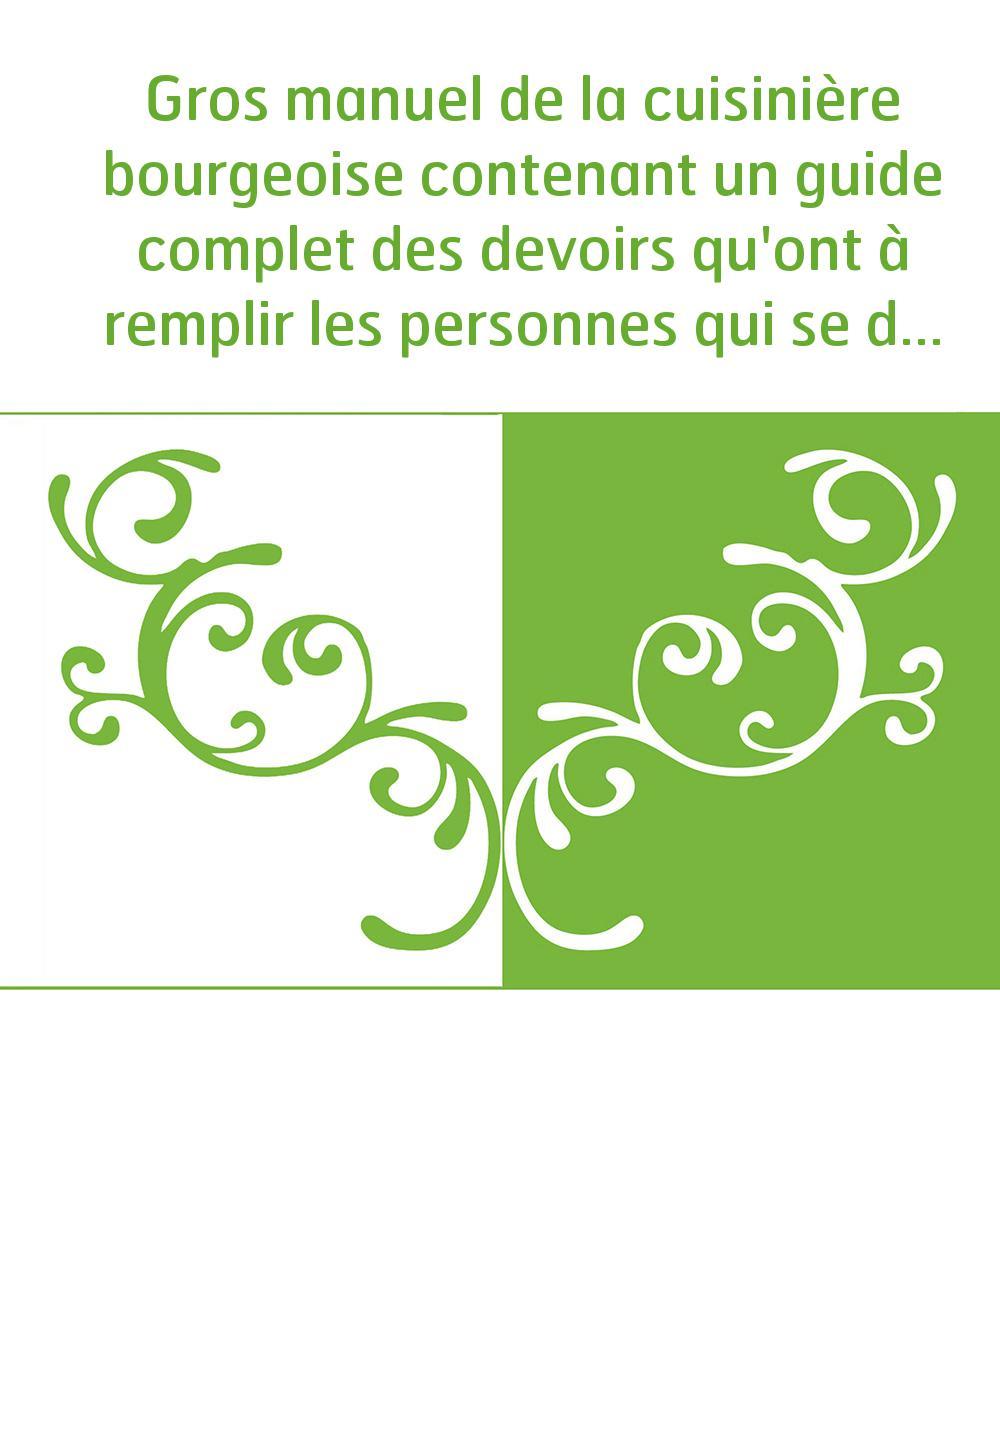 Gros manuel de la cuisinière bourgeoise contenant un guide complet des devoirs qu'ont à remplir les personnes qui se destinent a